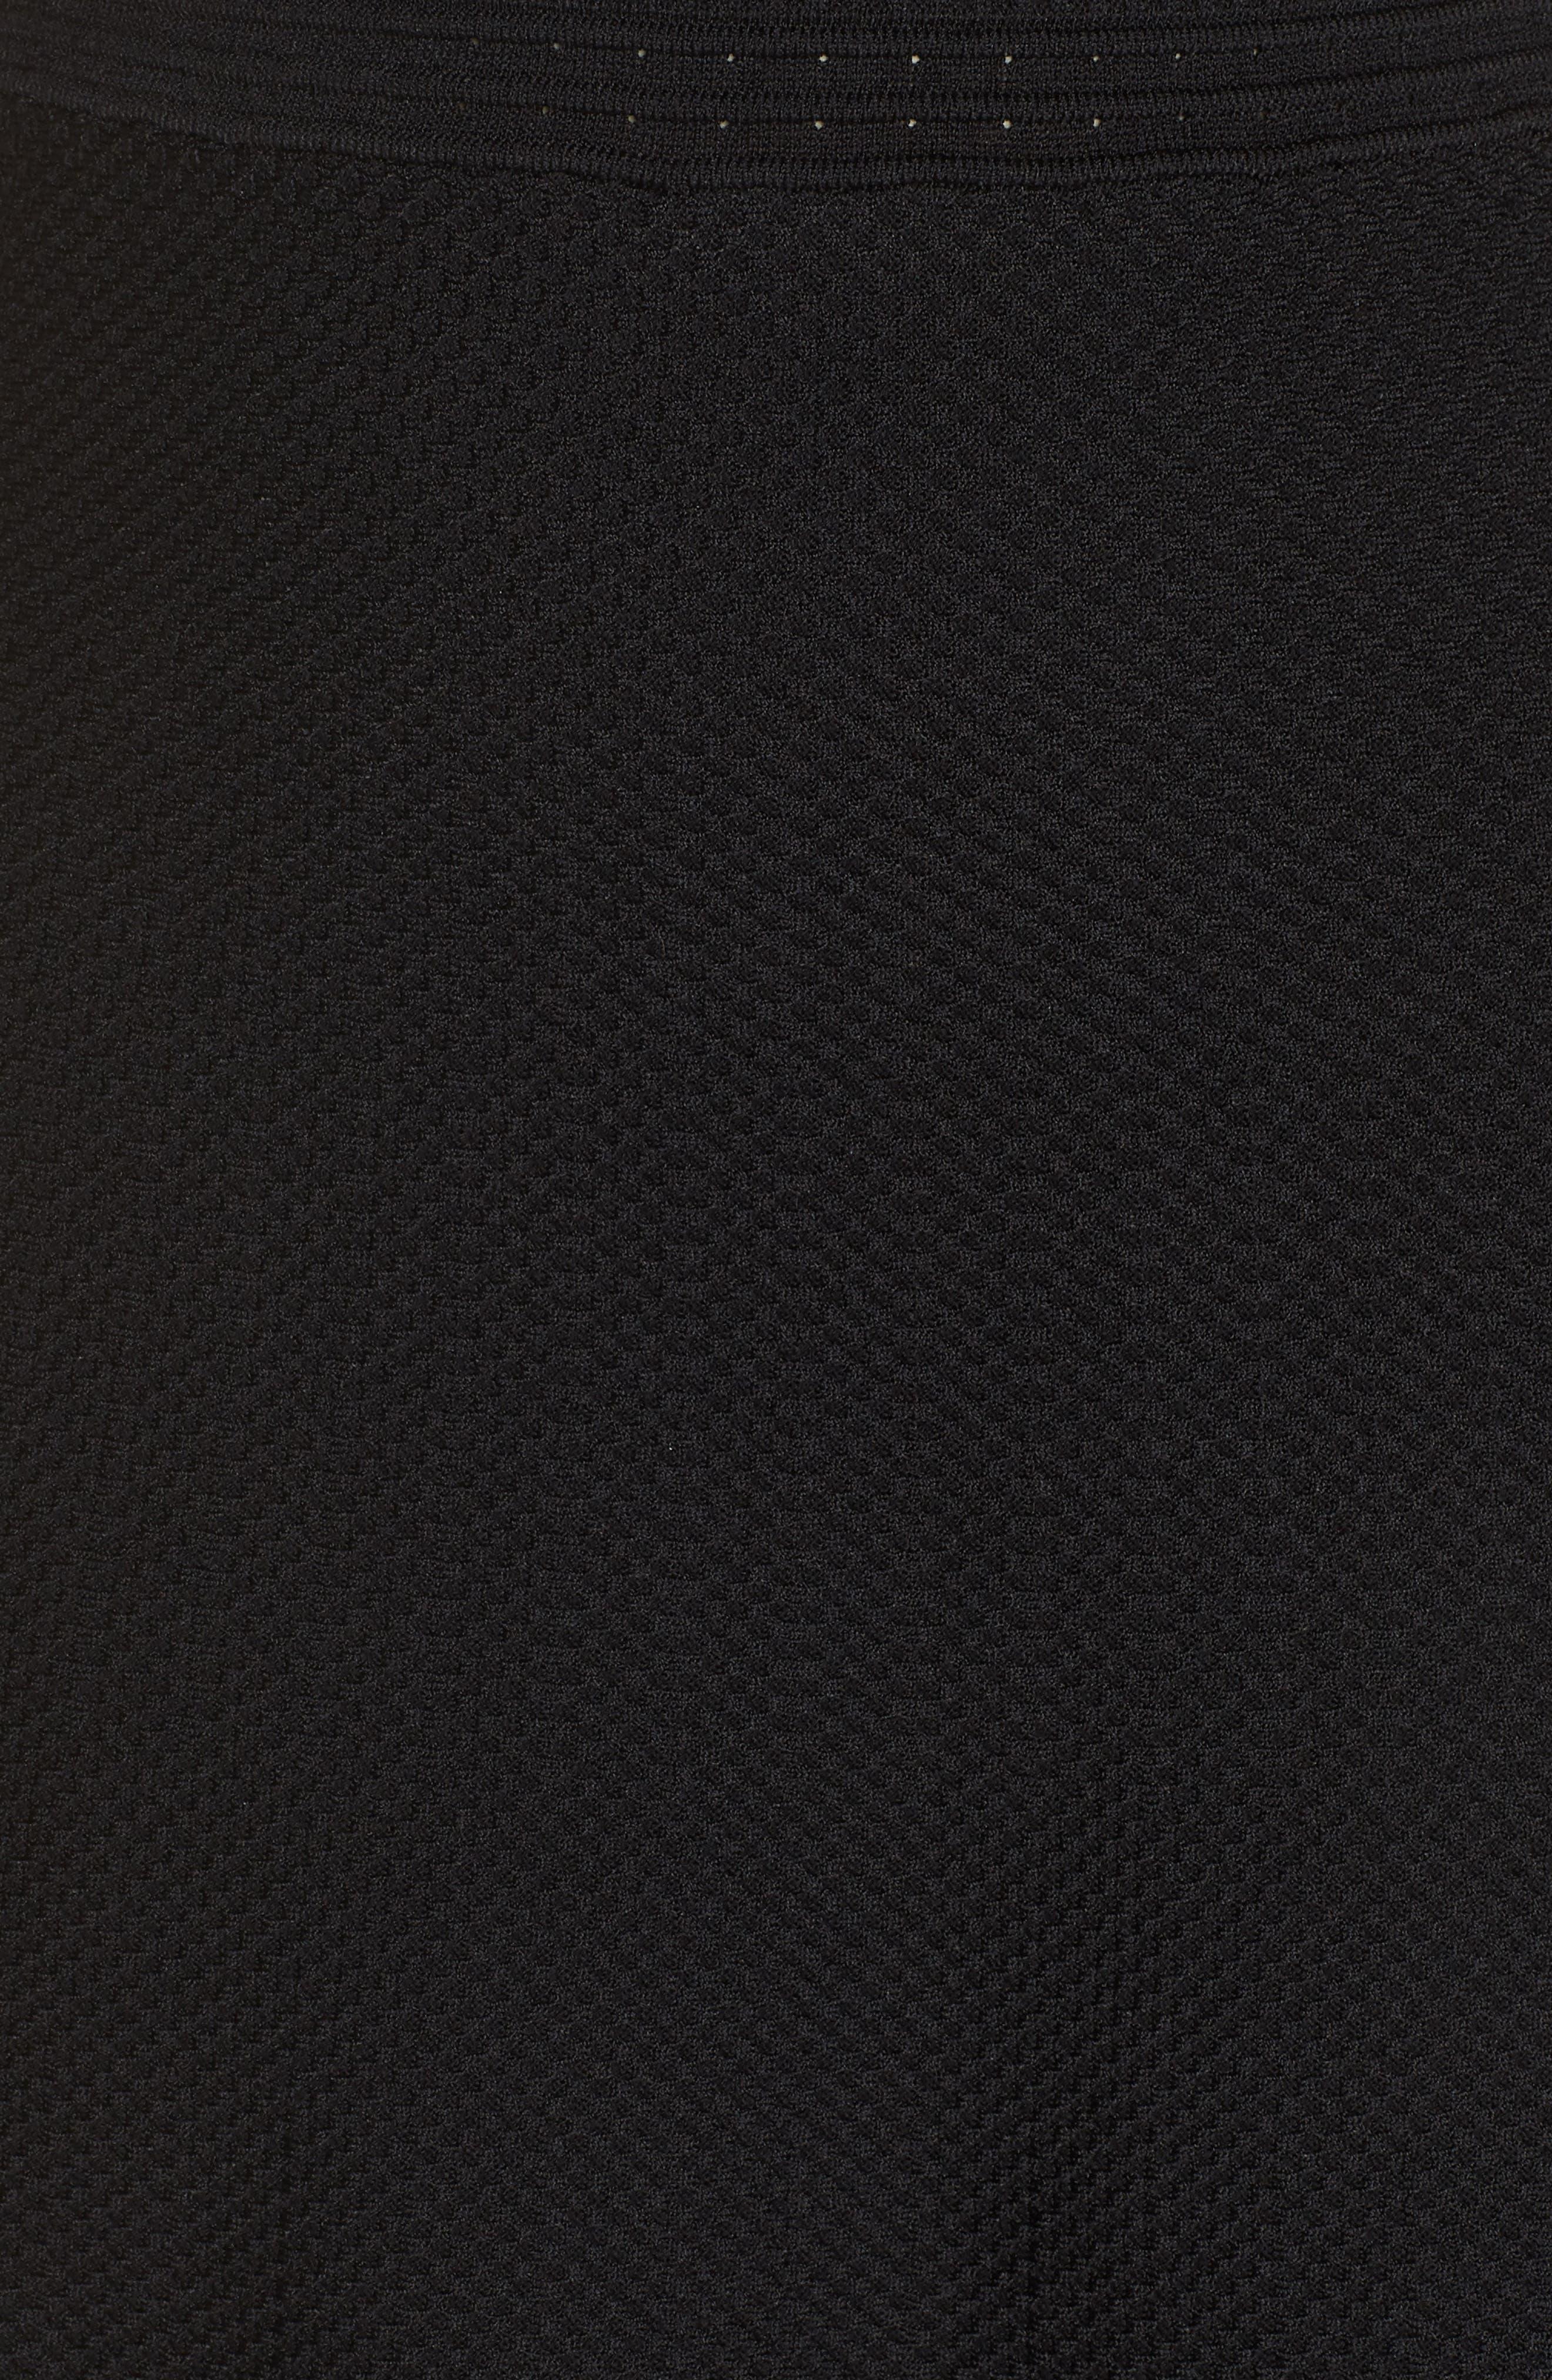 Ellie Knits V-Neck Fit & Flare Dress,                             Alternate thumbnail 6, color,                             001